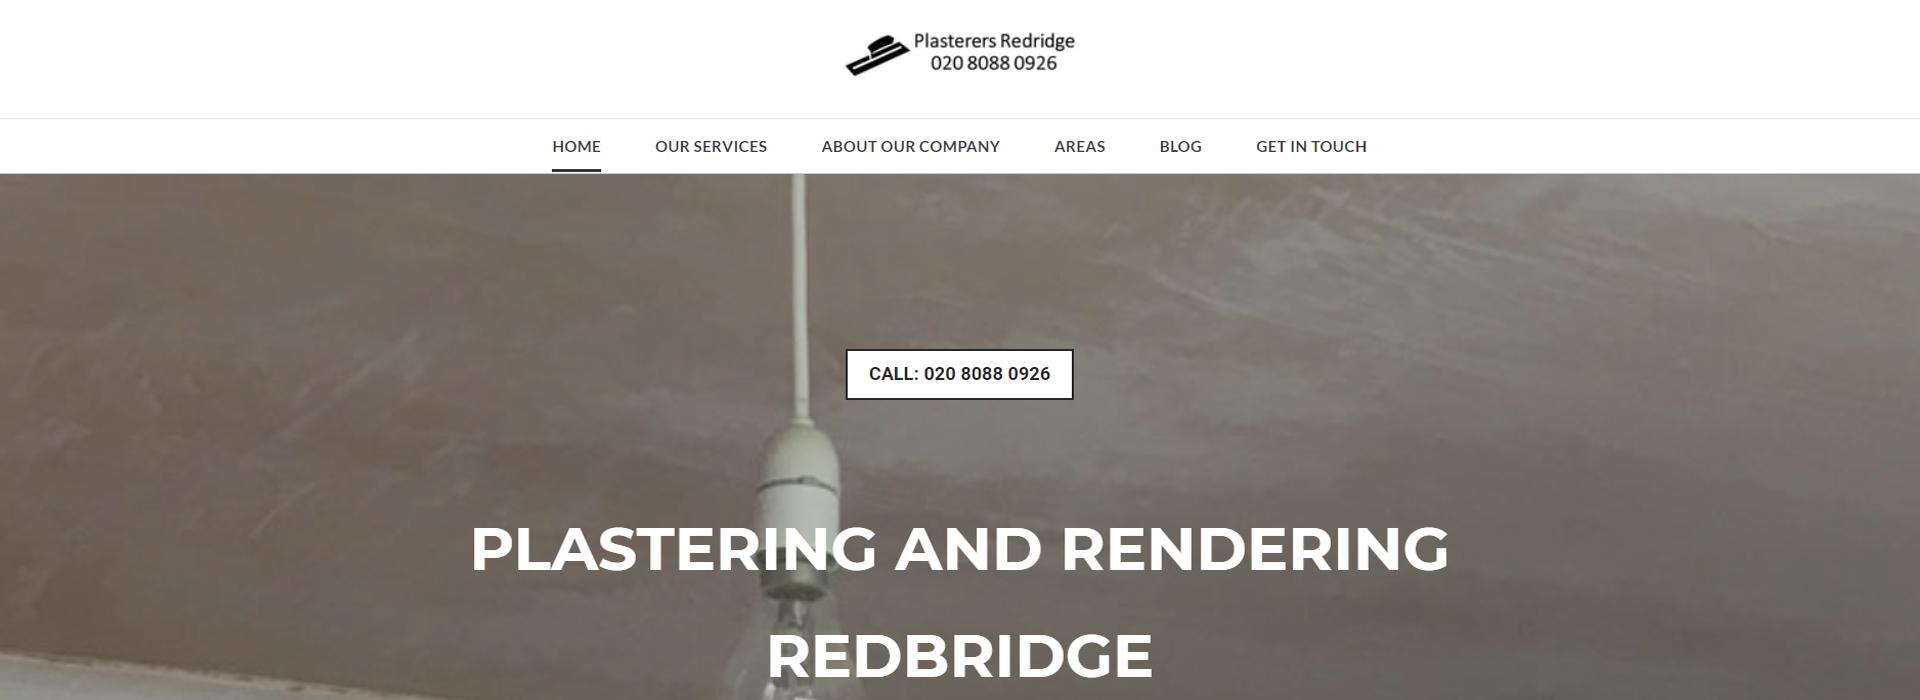 Plastering redbridge